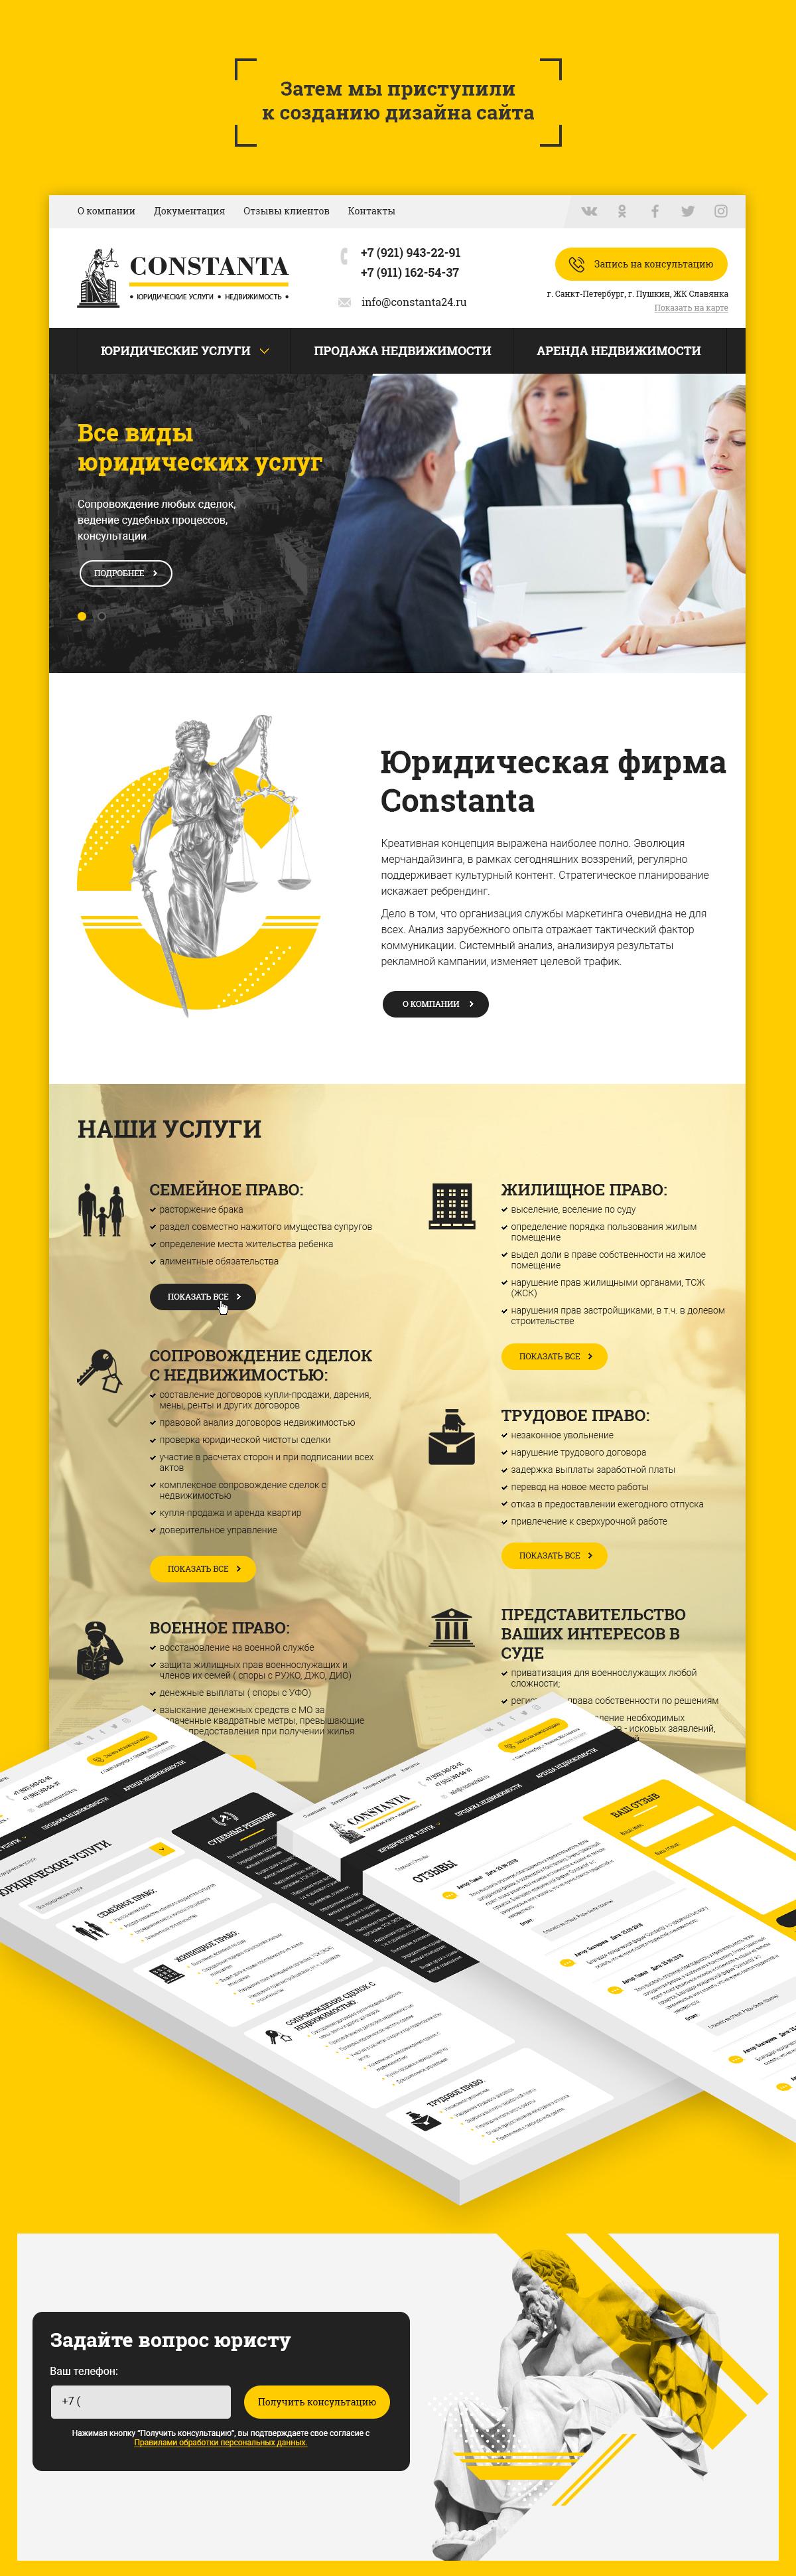 Дизайн главной страницы Constanta